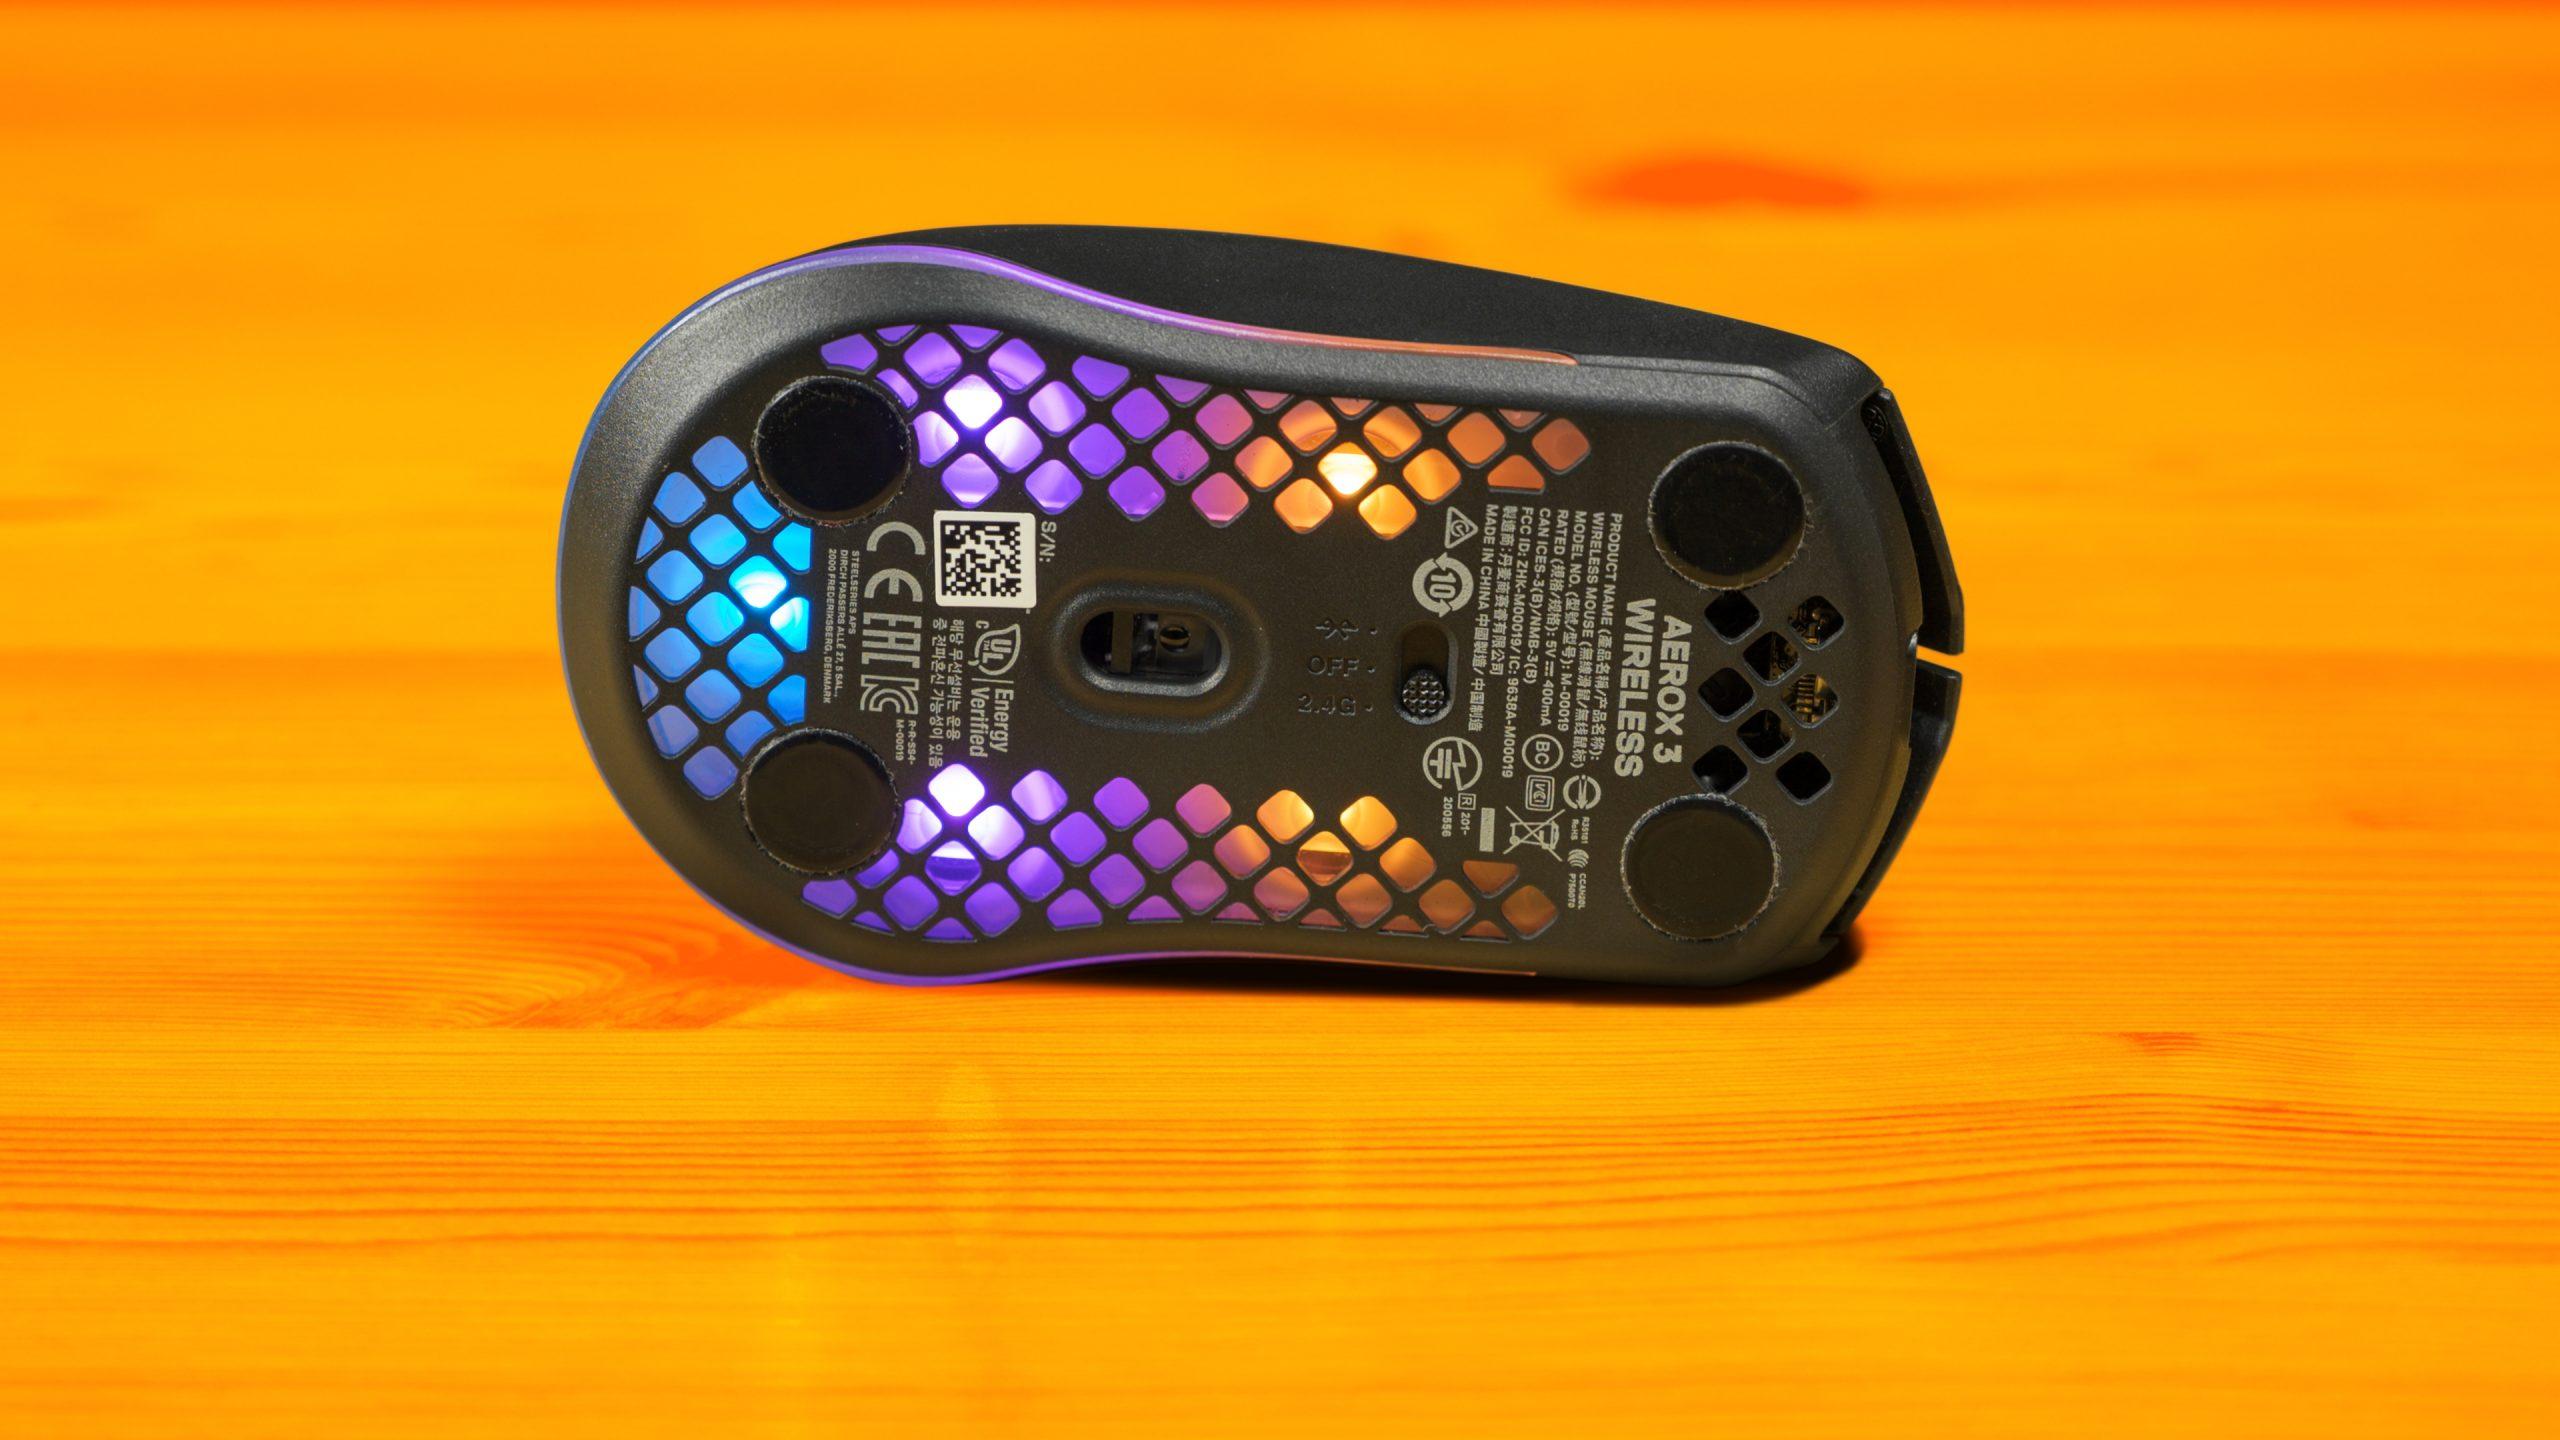 Onderaanzicht van een SteelSeries-muis, waarop de TrueMove Air-sensor en draadloze schakelaar zichtbaar zijn.